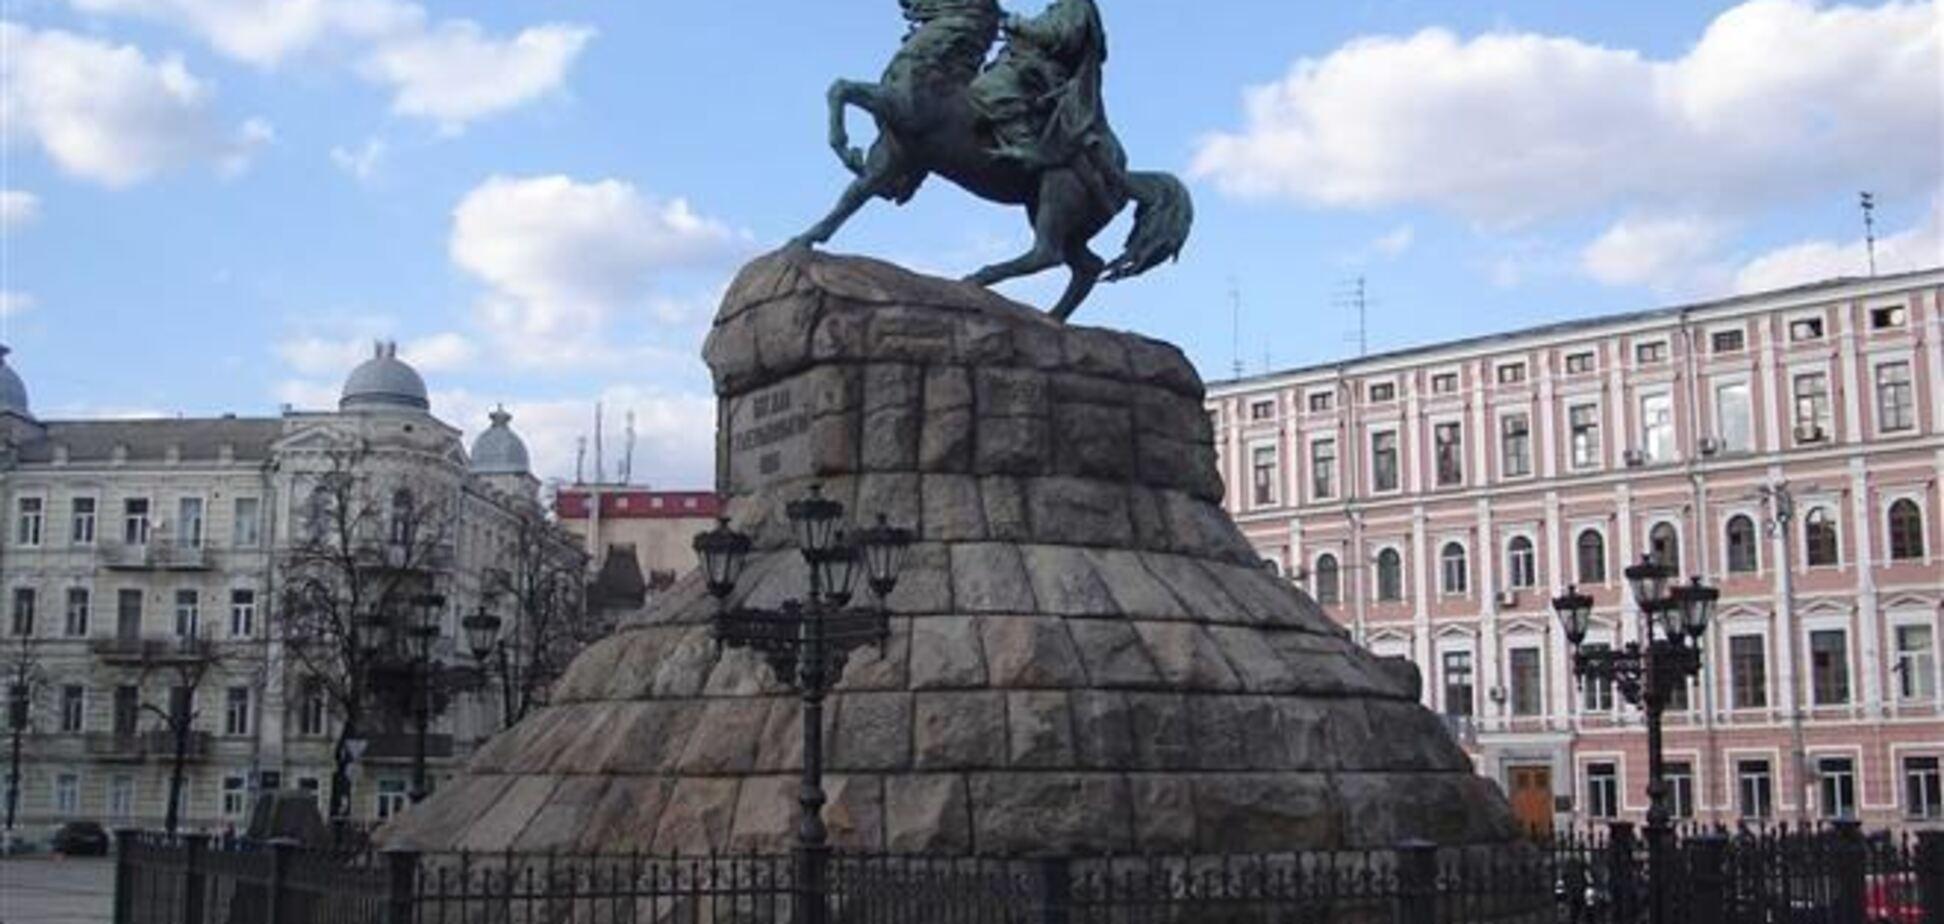 Переяславська Рада: історія розвивається по спіралі ...